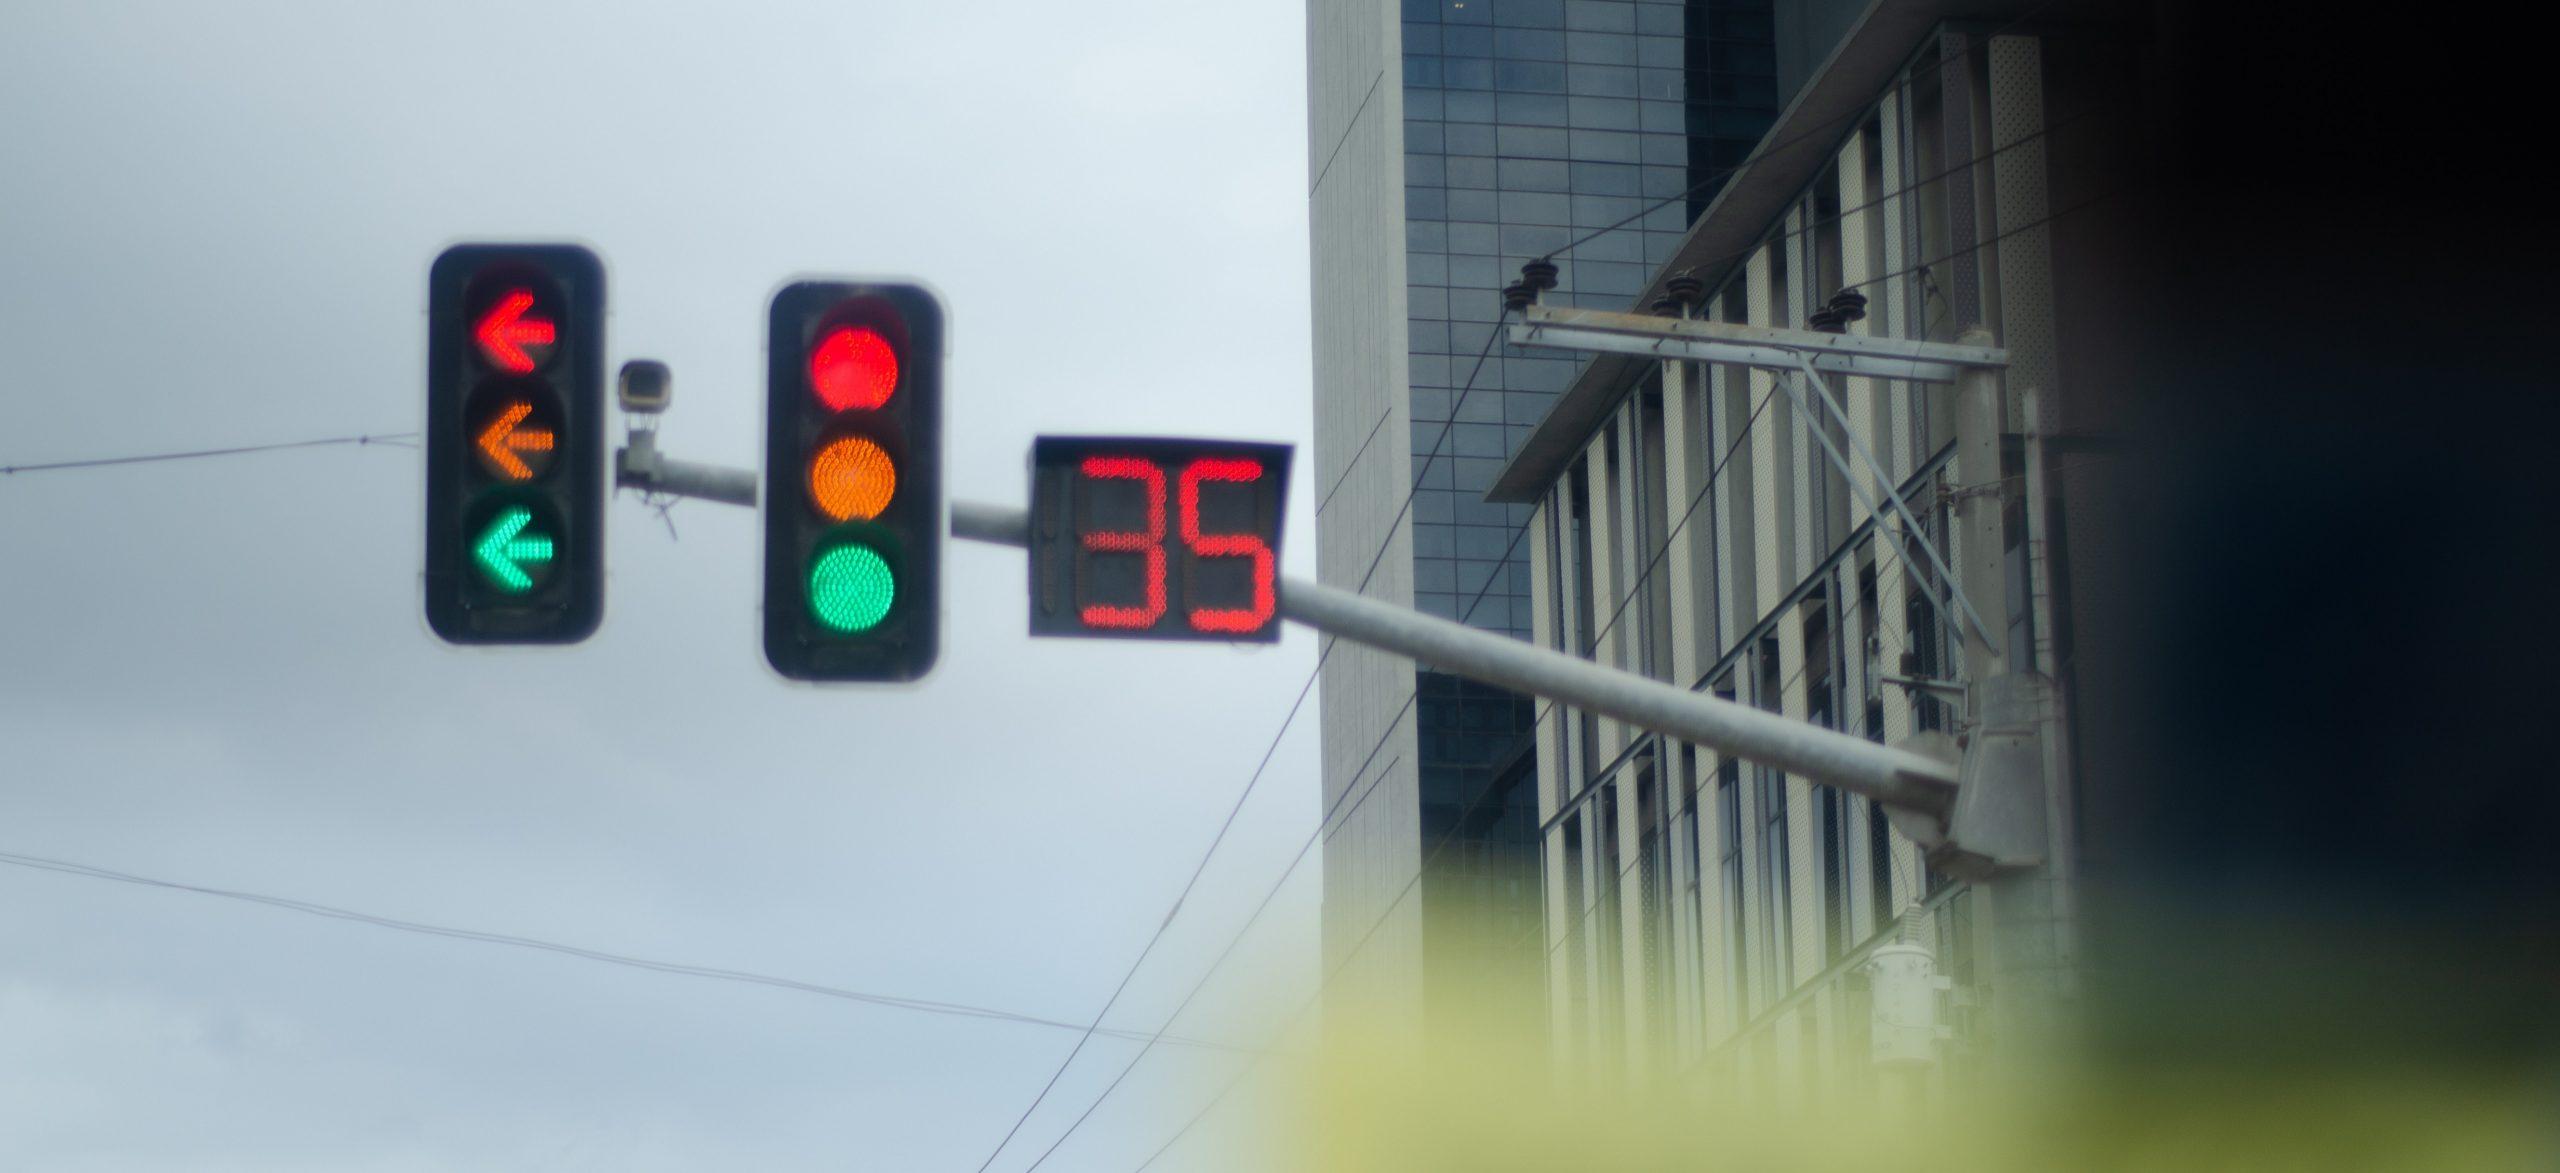 Trafic restricționat în București. Brigada Rutieră ne spune la ce să ne așteptăm